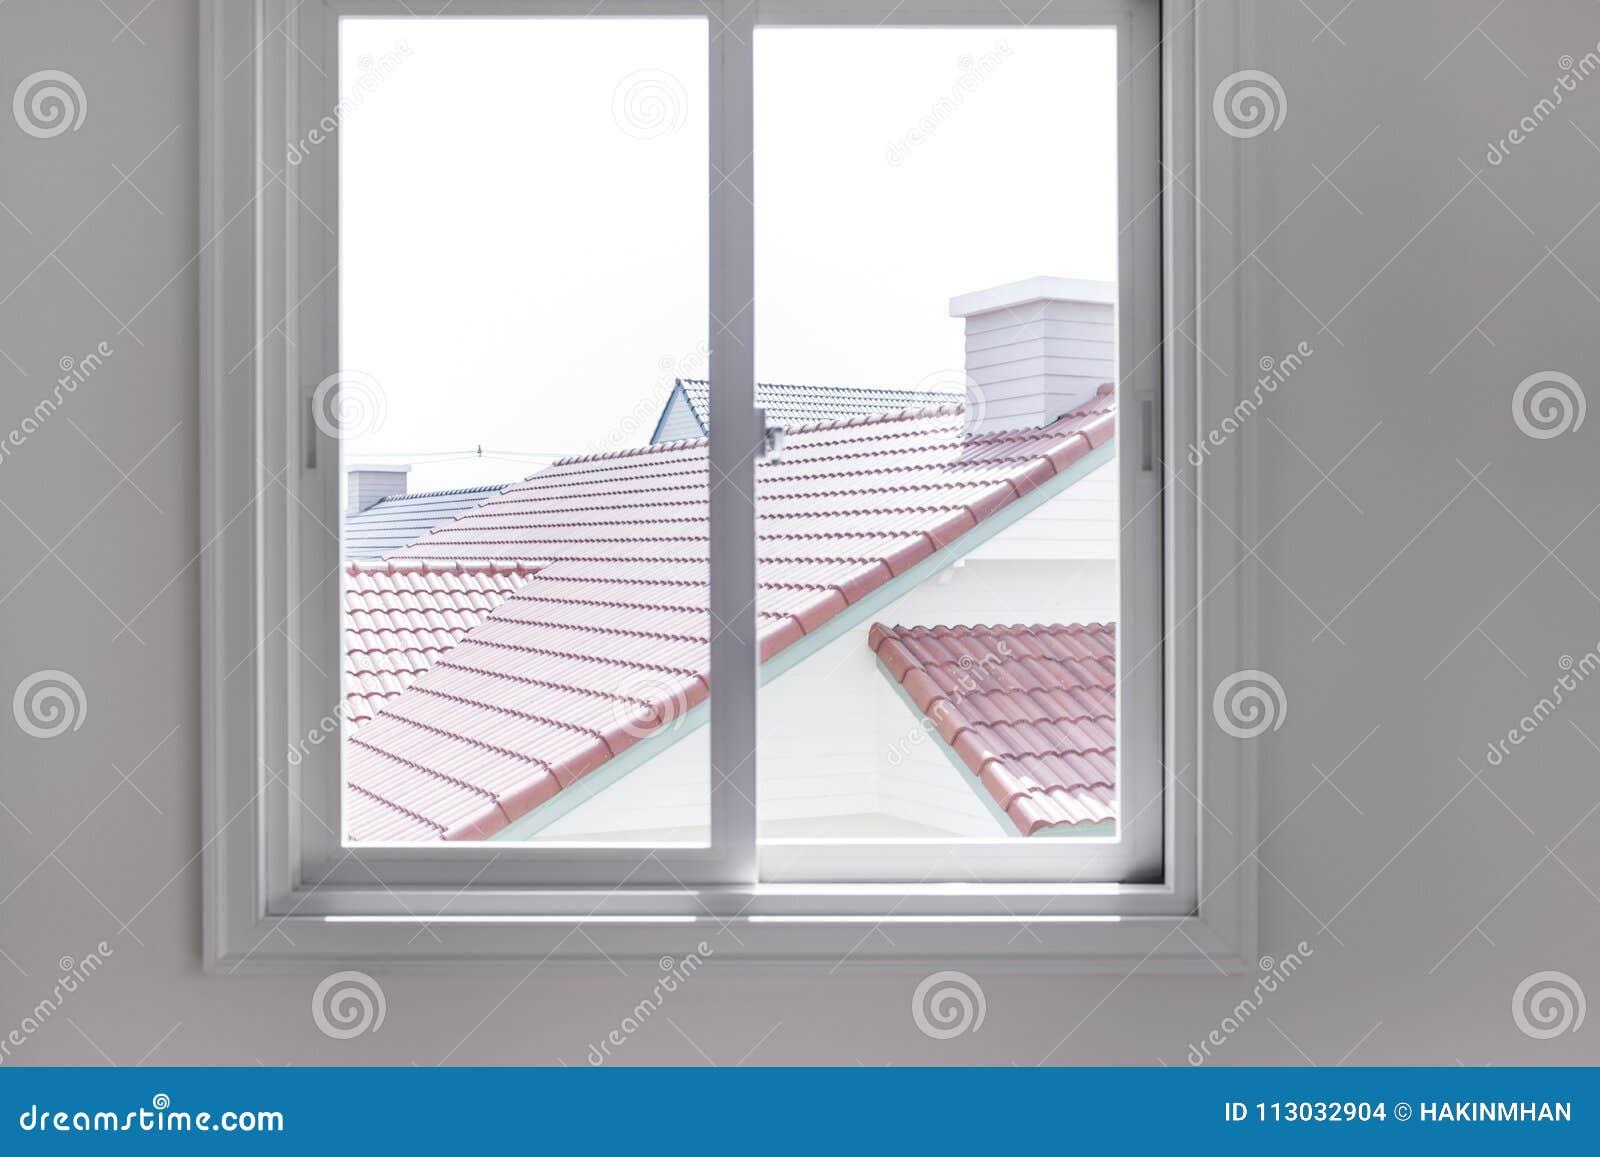 Opinión del vindow de la falta de definición con el tejado